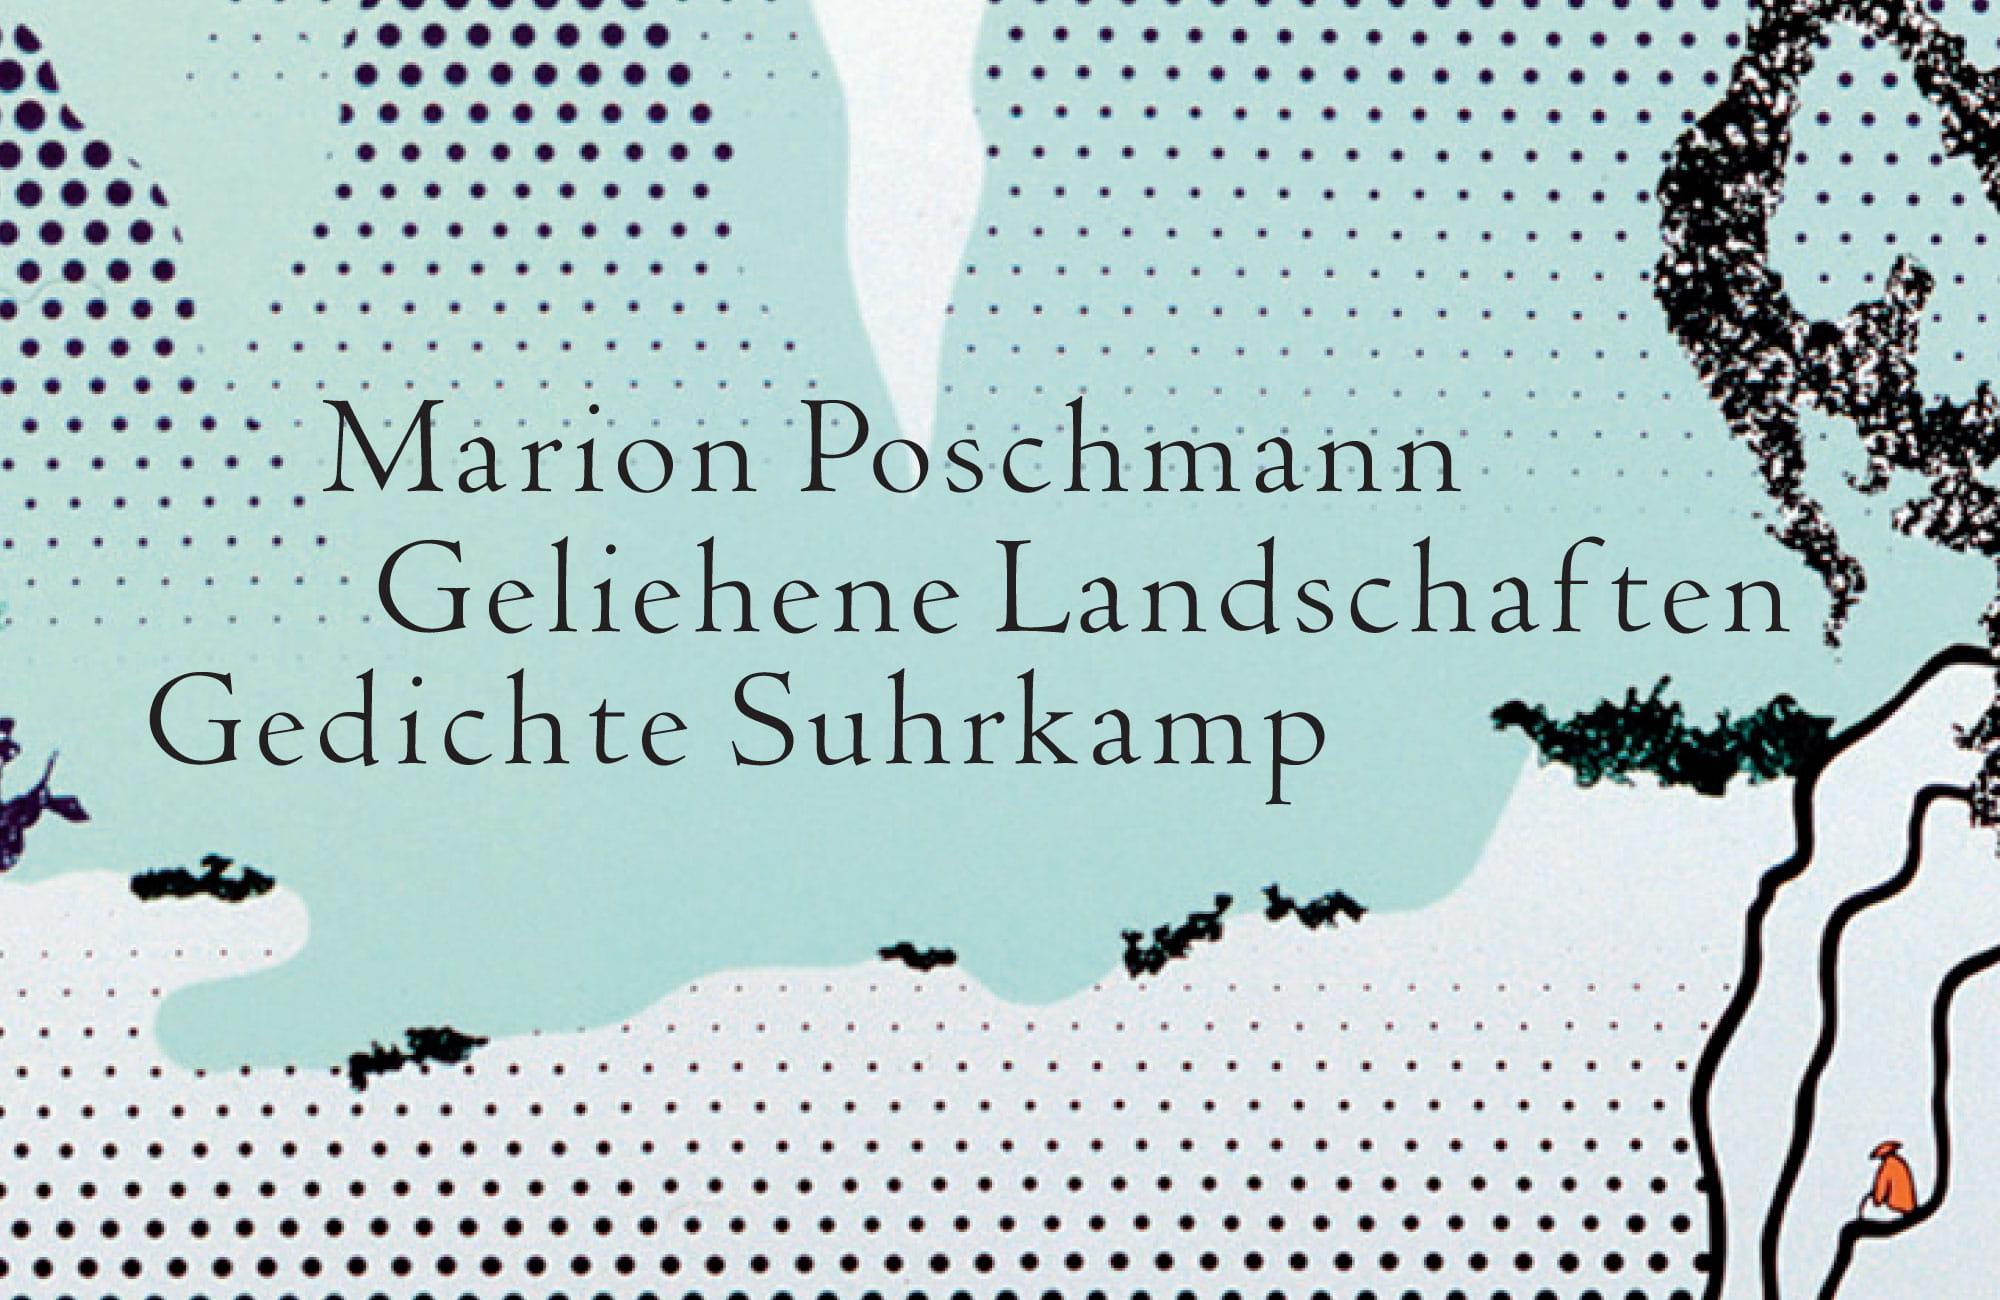 """Über """"Geliehene Landschaften"""" von Marion Poschmann"""